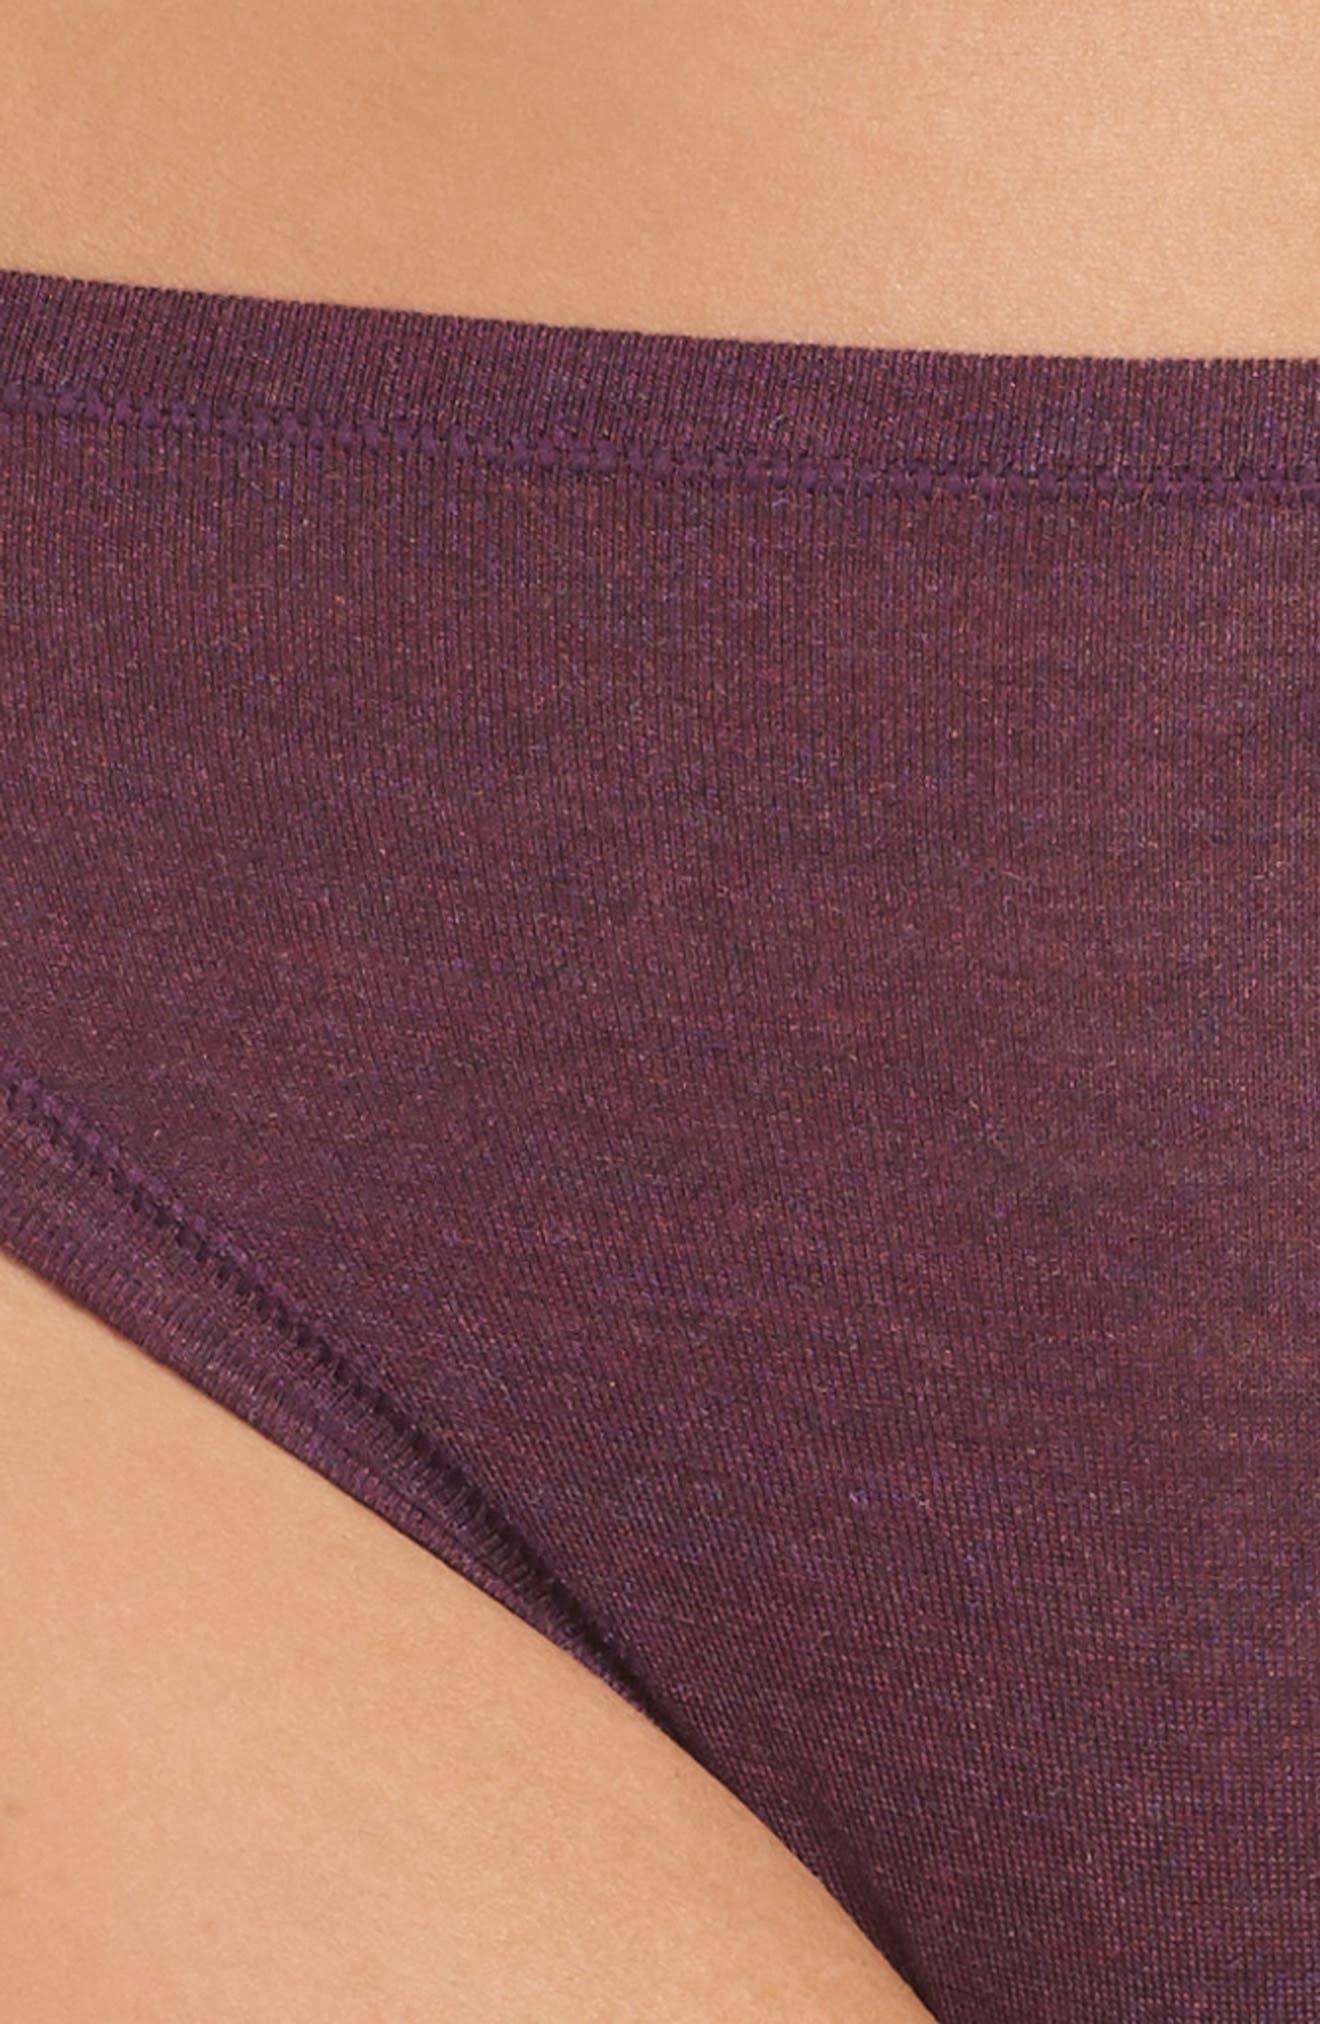 Bliss Essence Bikini,                             Alternate thumbnail 40, color,